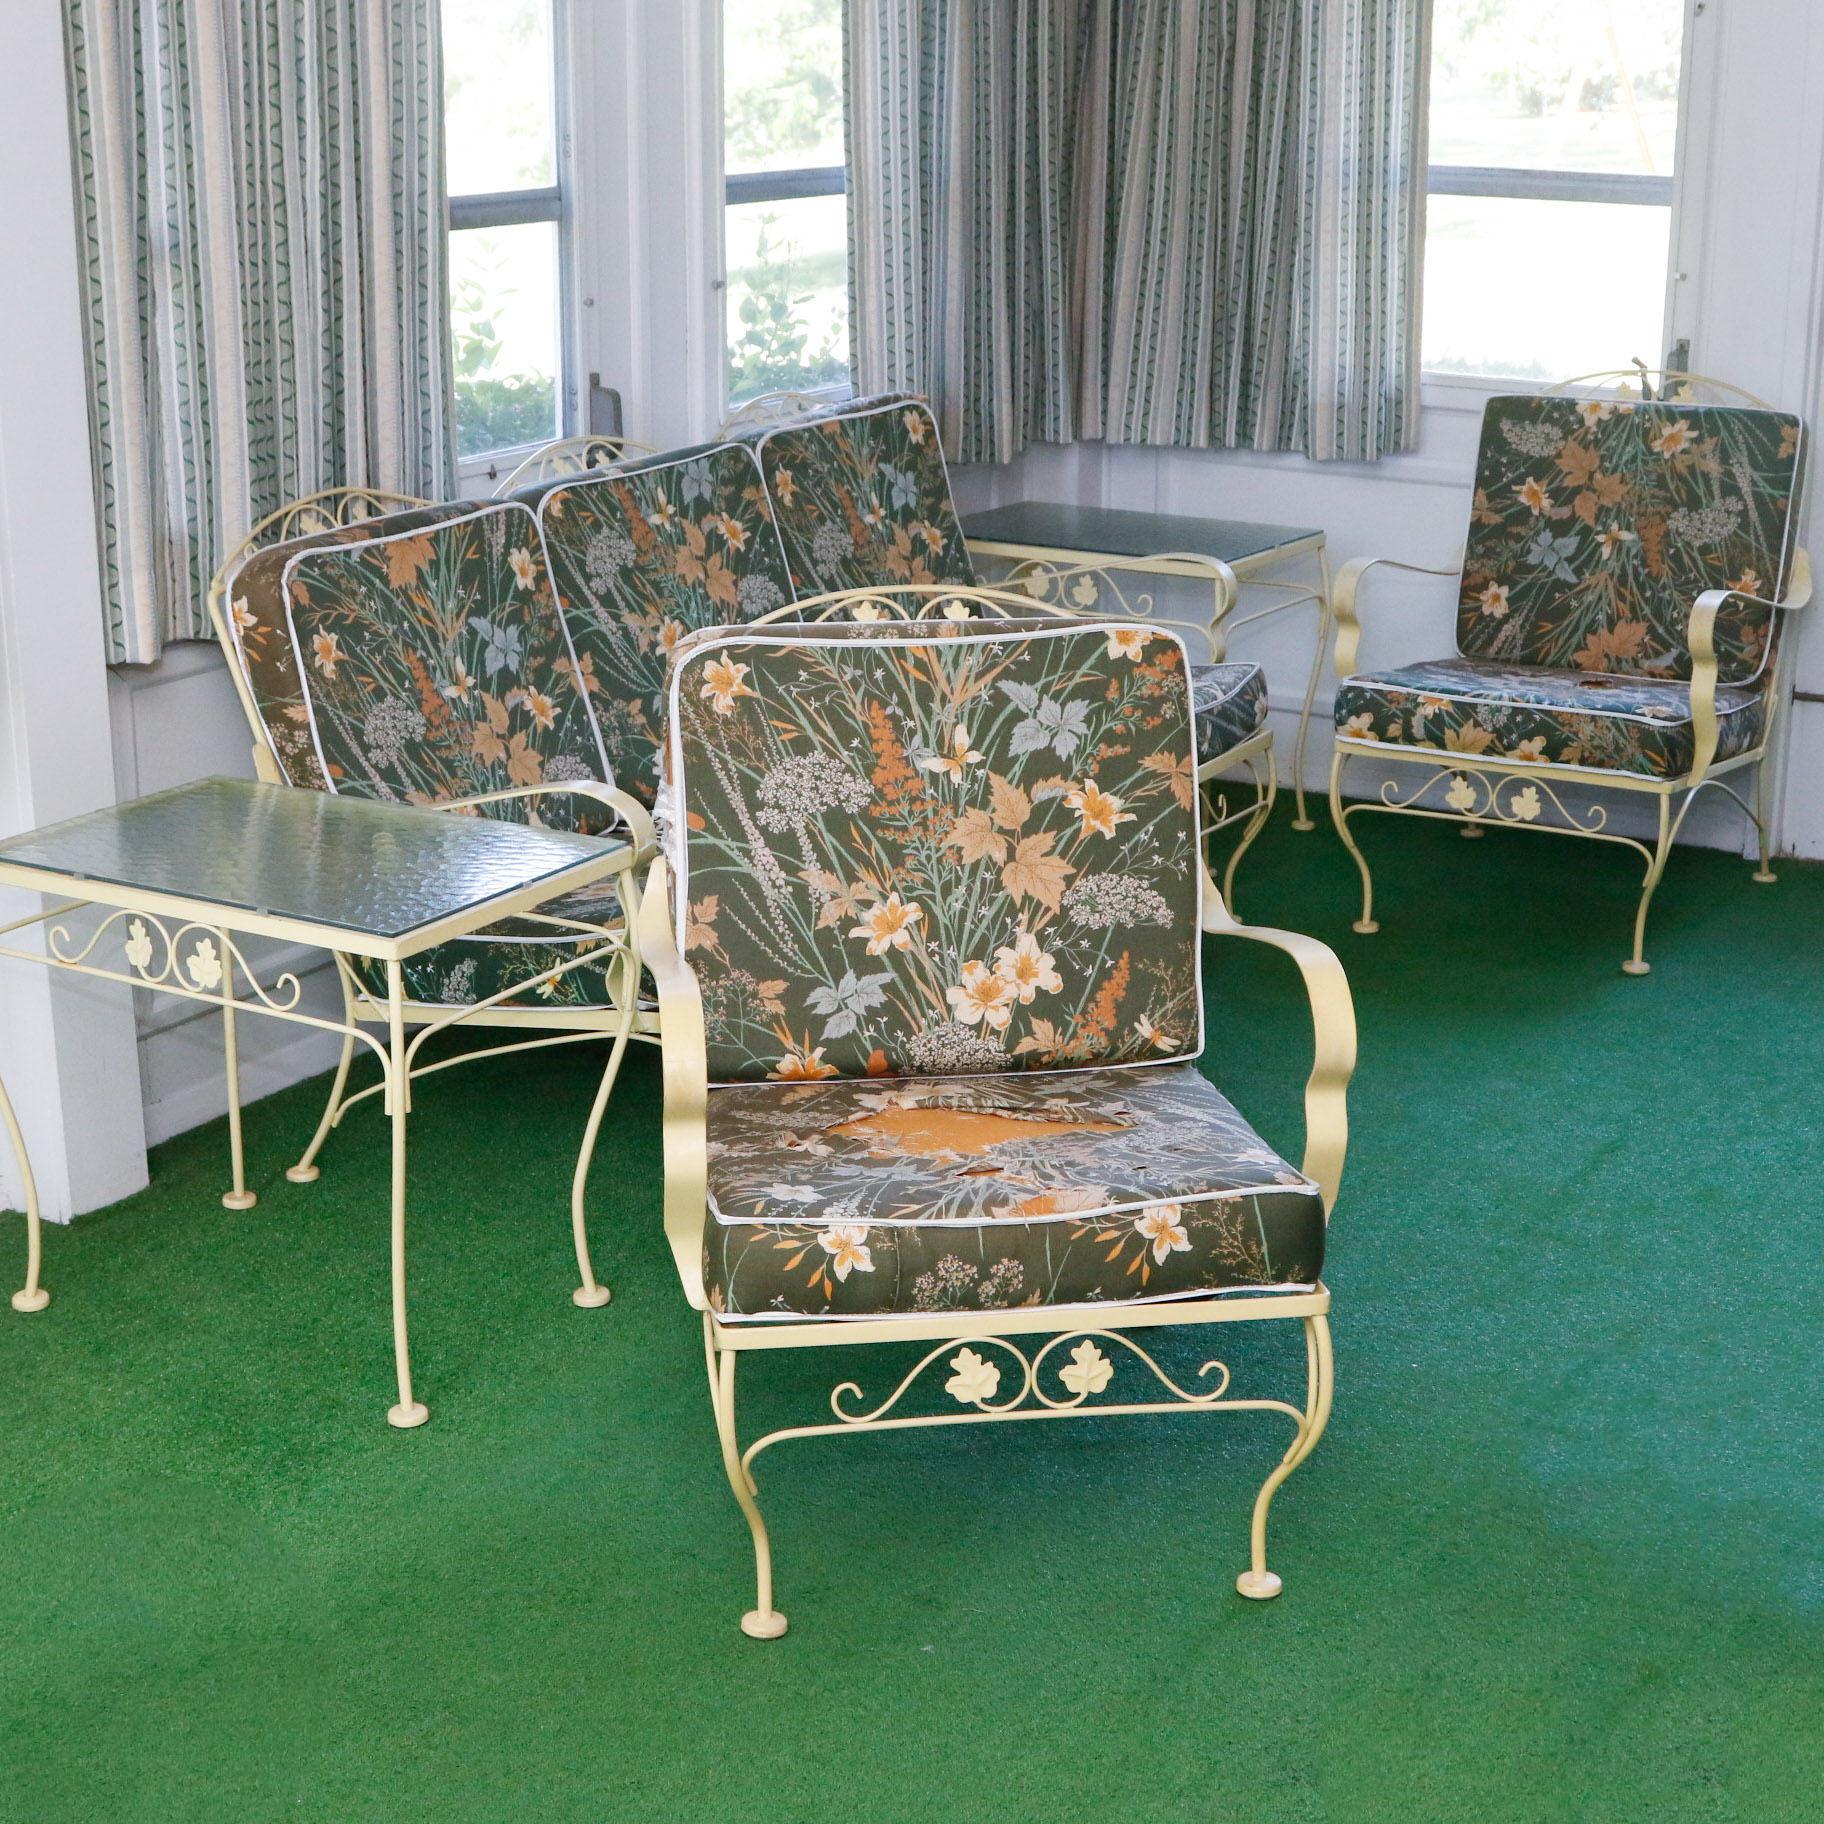 white wrought iron furniture. meadowcraft white wrought iron furniture set with cushions